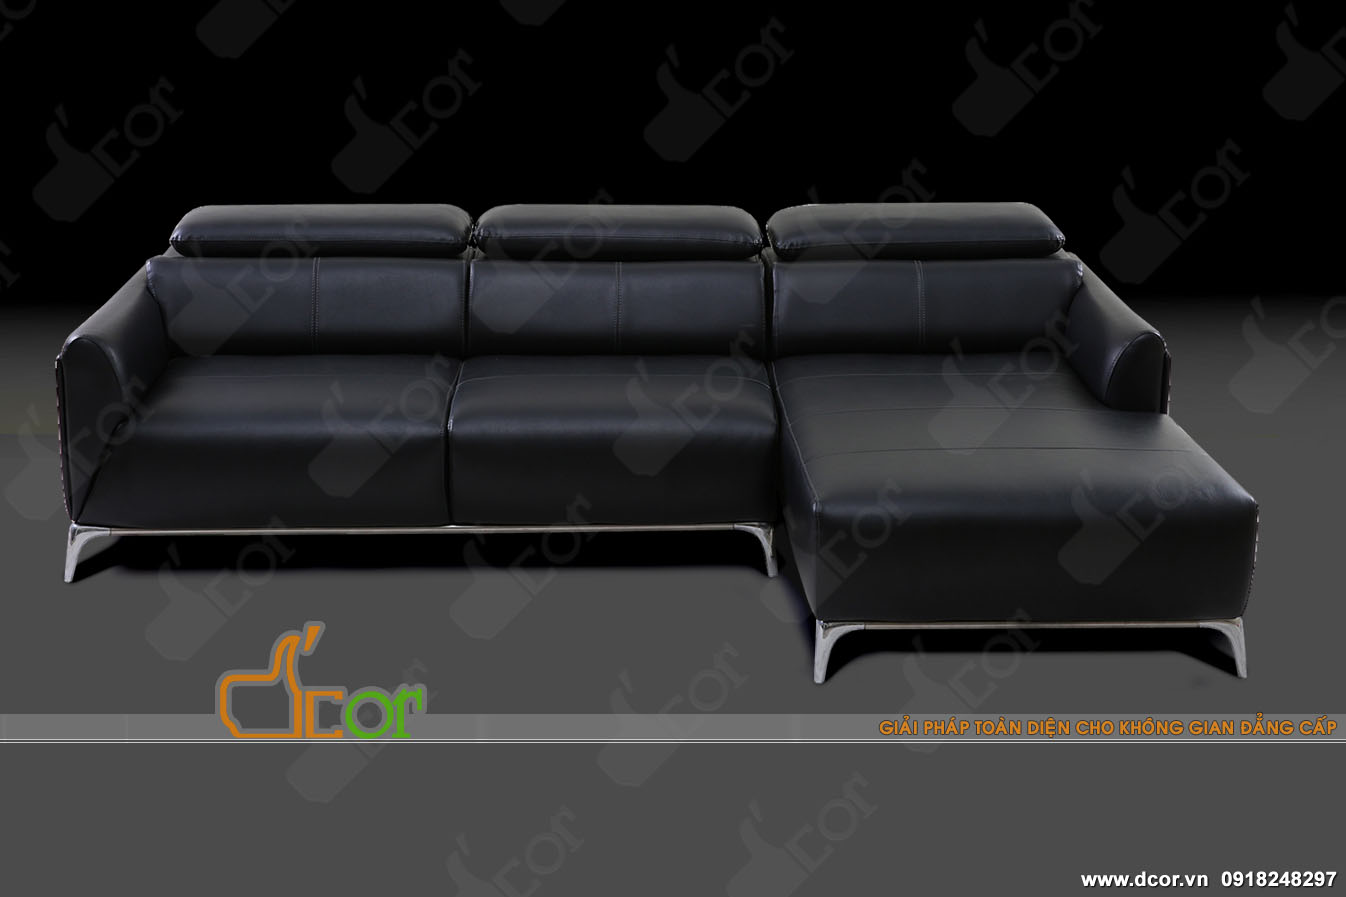 DG110 với thiết kế sofa italia đặc trưng